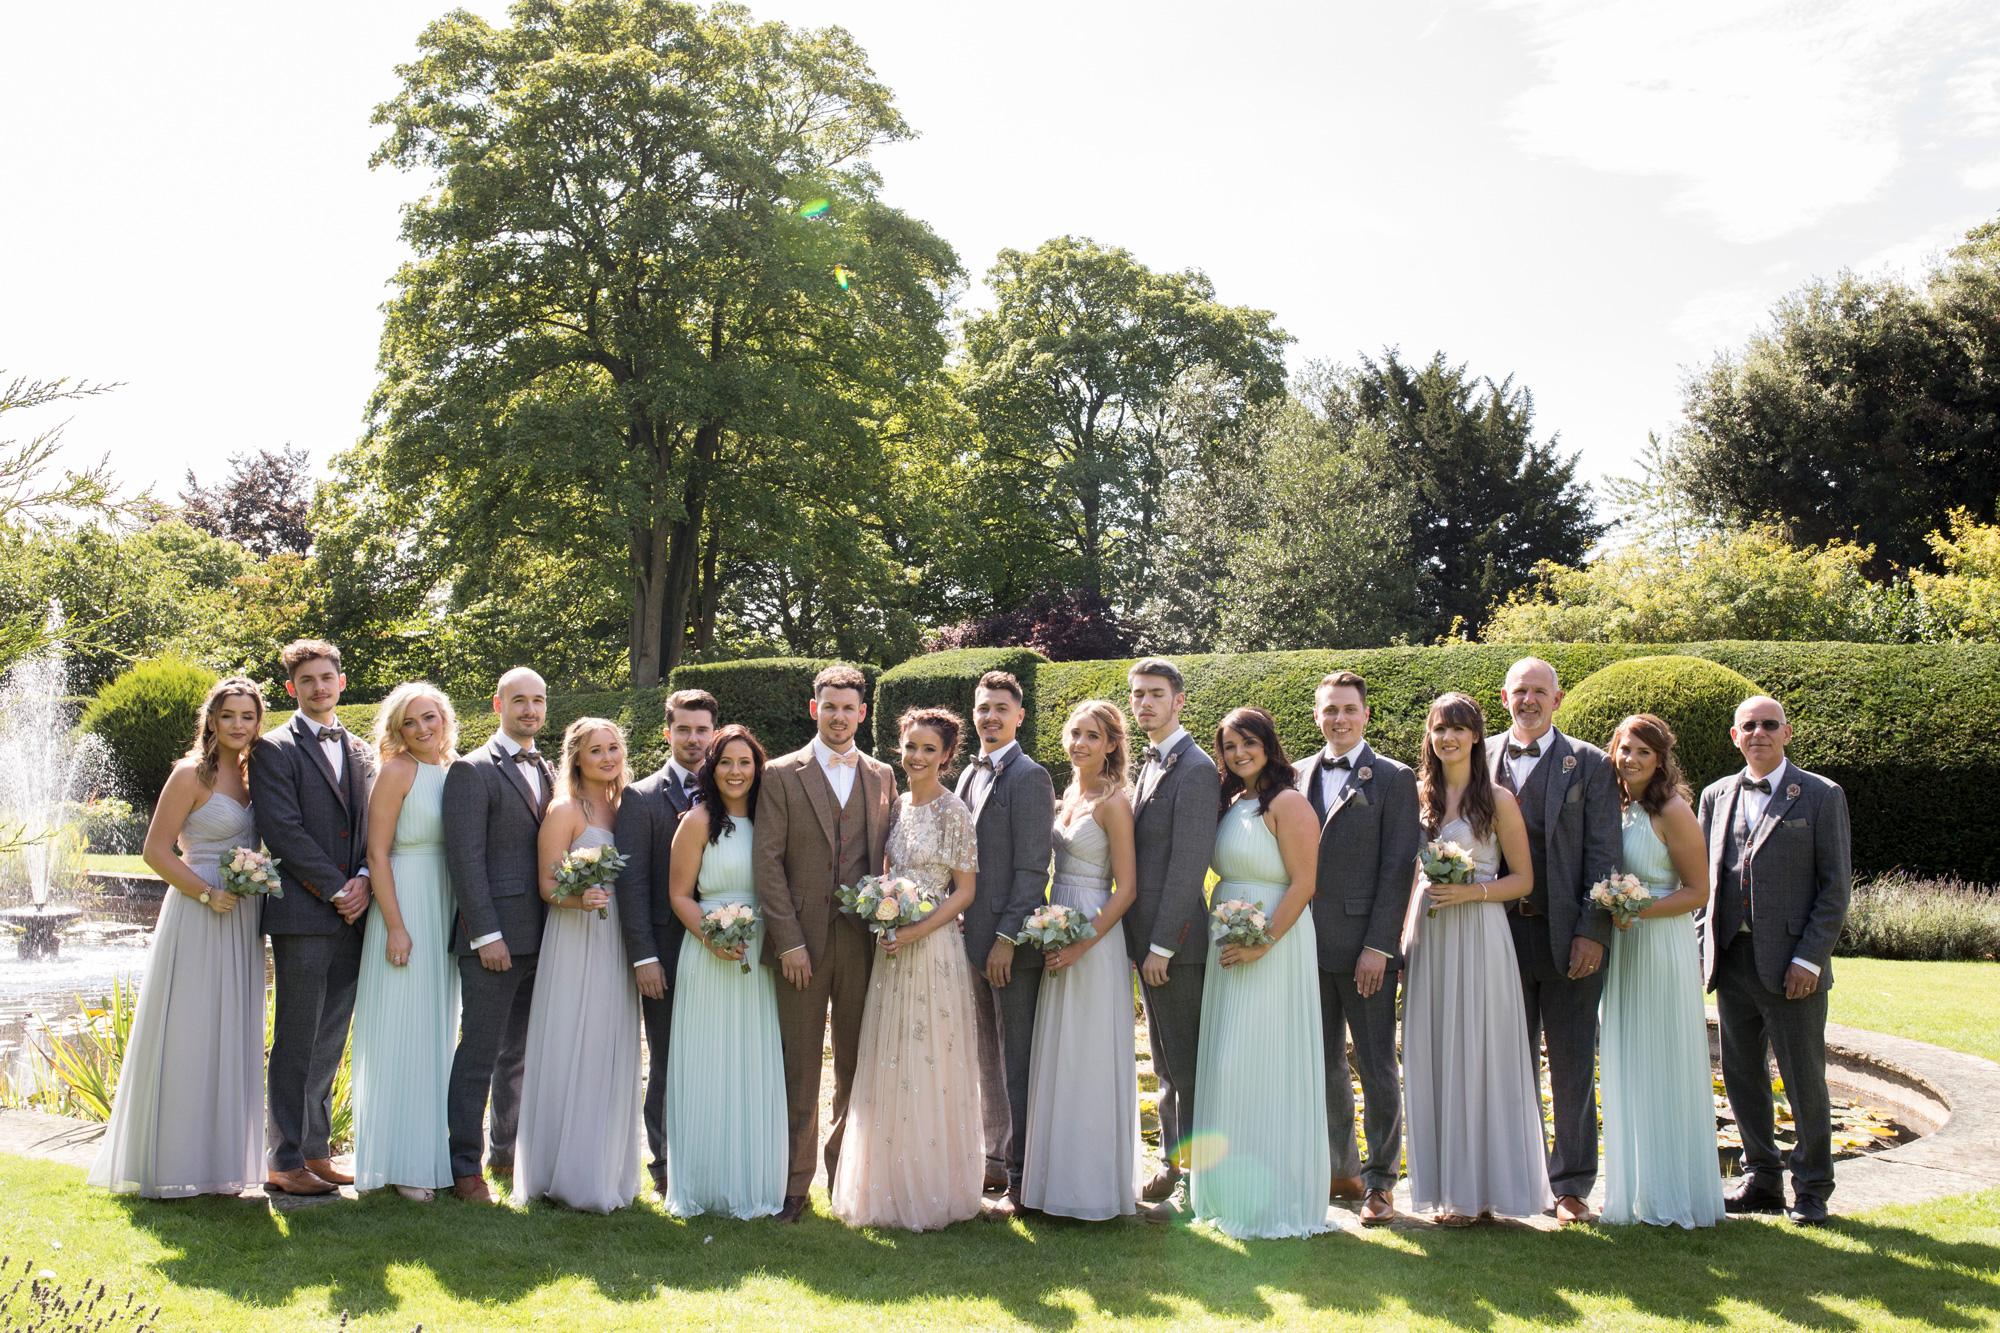 bridesmaids, groomsmen, wedding party, brief, groom,